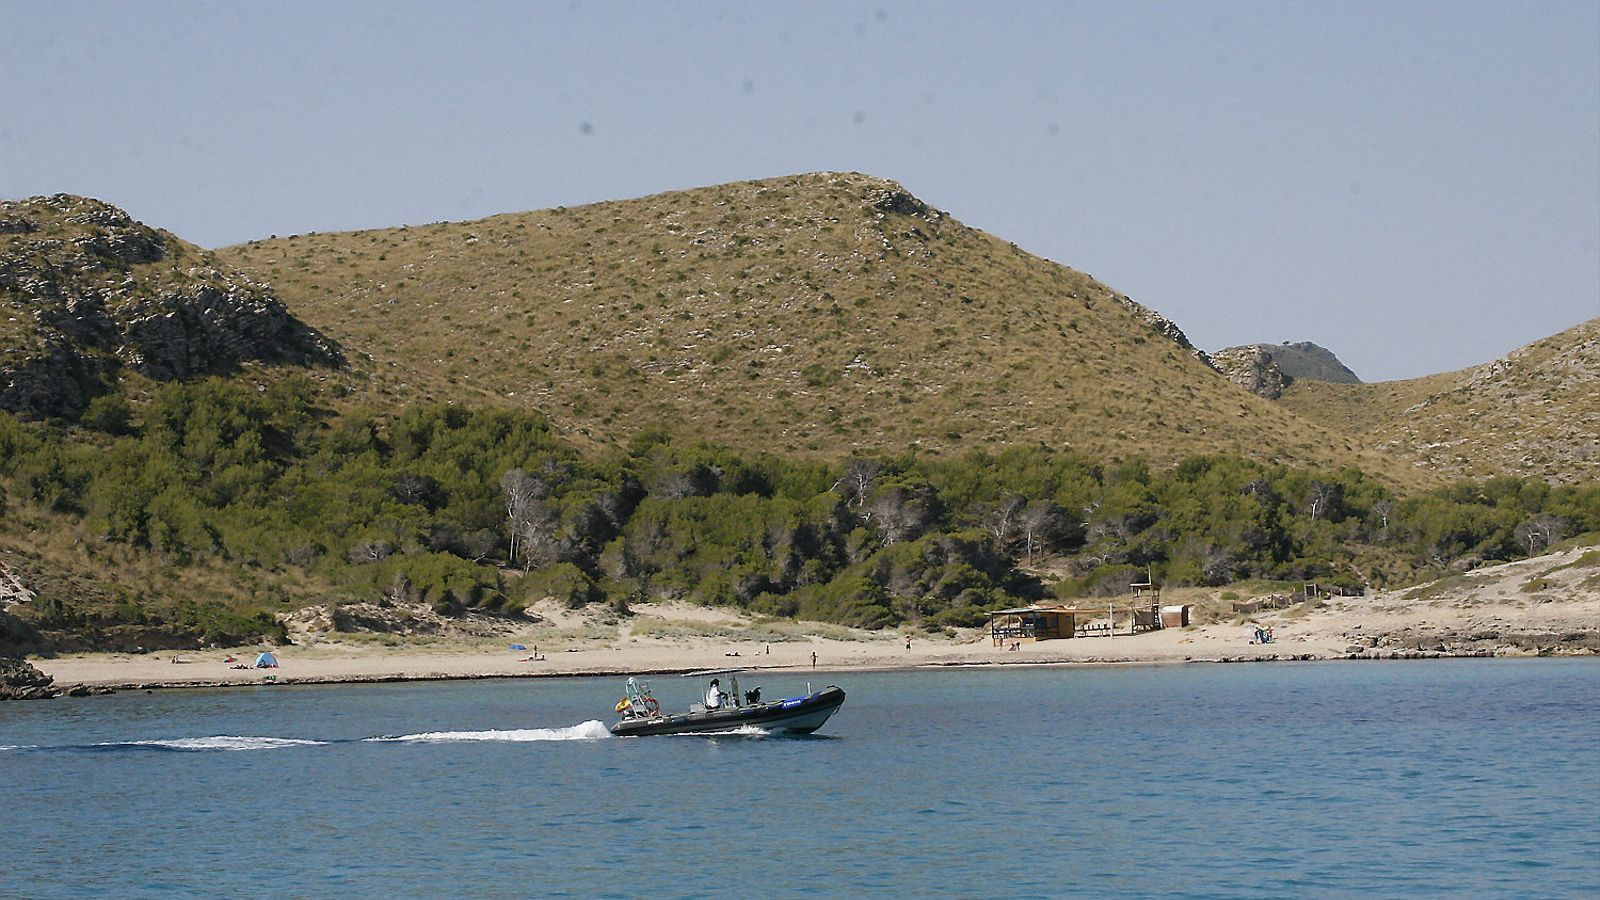 Cala Torta és la platja més emblemàtica del litoral verge d'Artà i alhora també la que més visitants rep durant l'estiu.